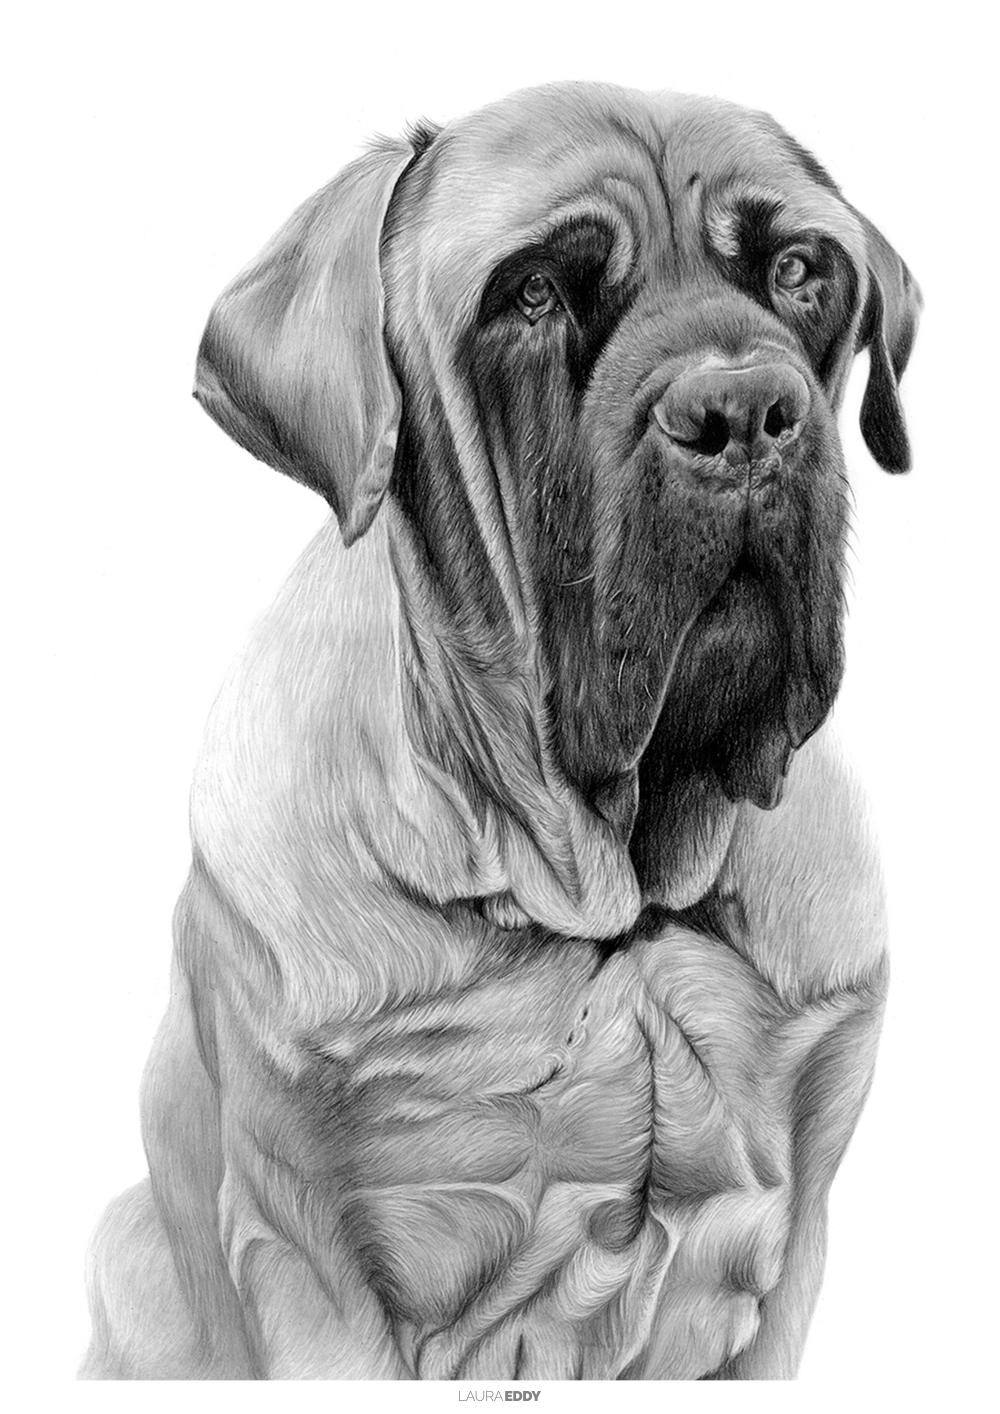 laura-eddy-drawing-george-english-mastiff-branded.jpg